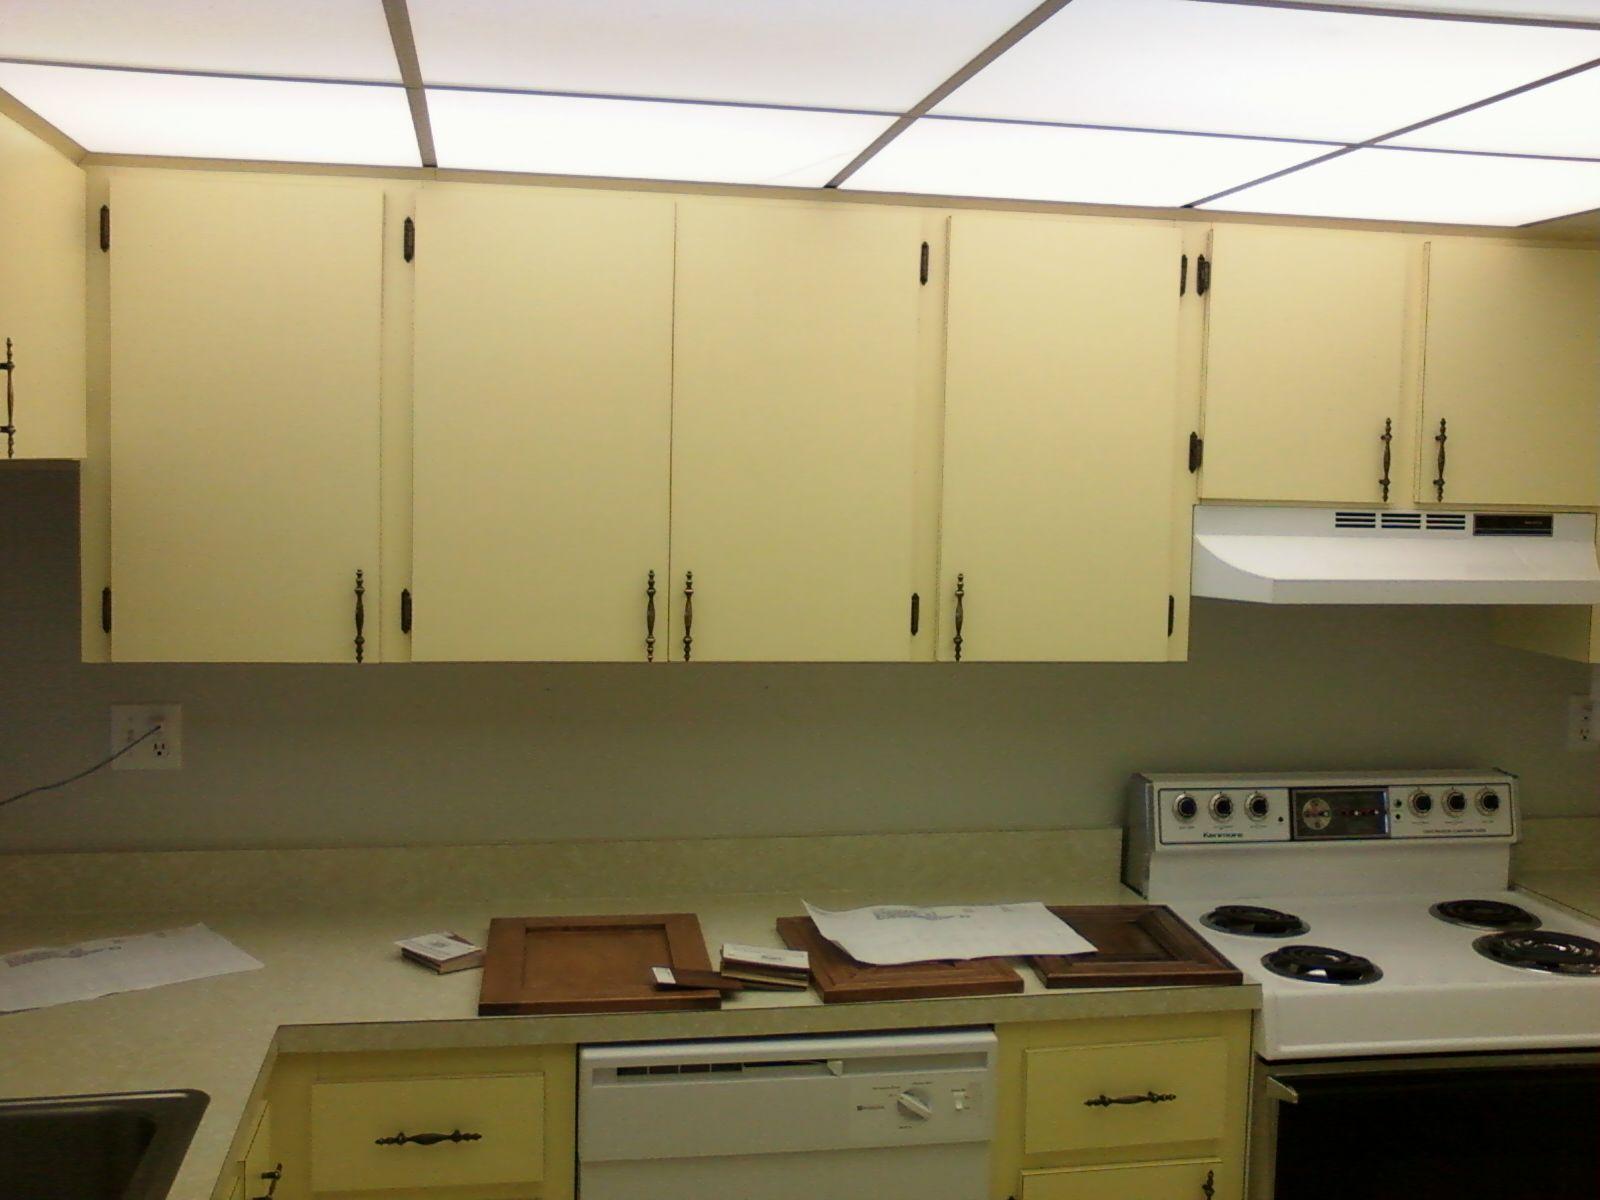 Kitchen Cabinet Refacing Supplies Minimalist Home Design